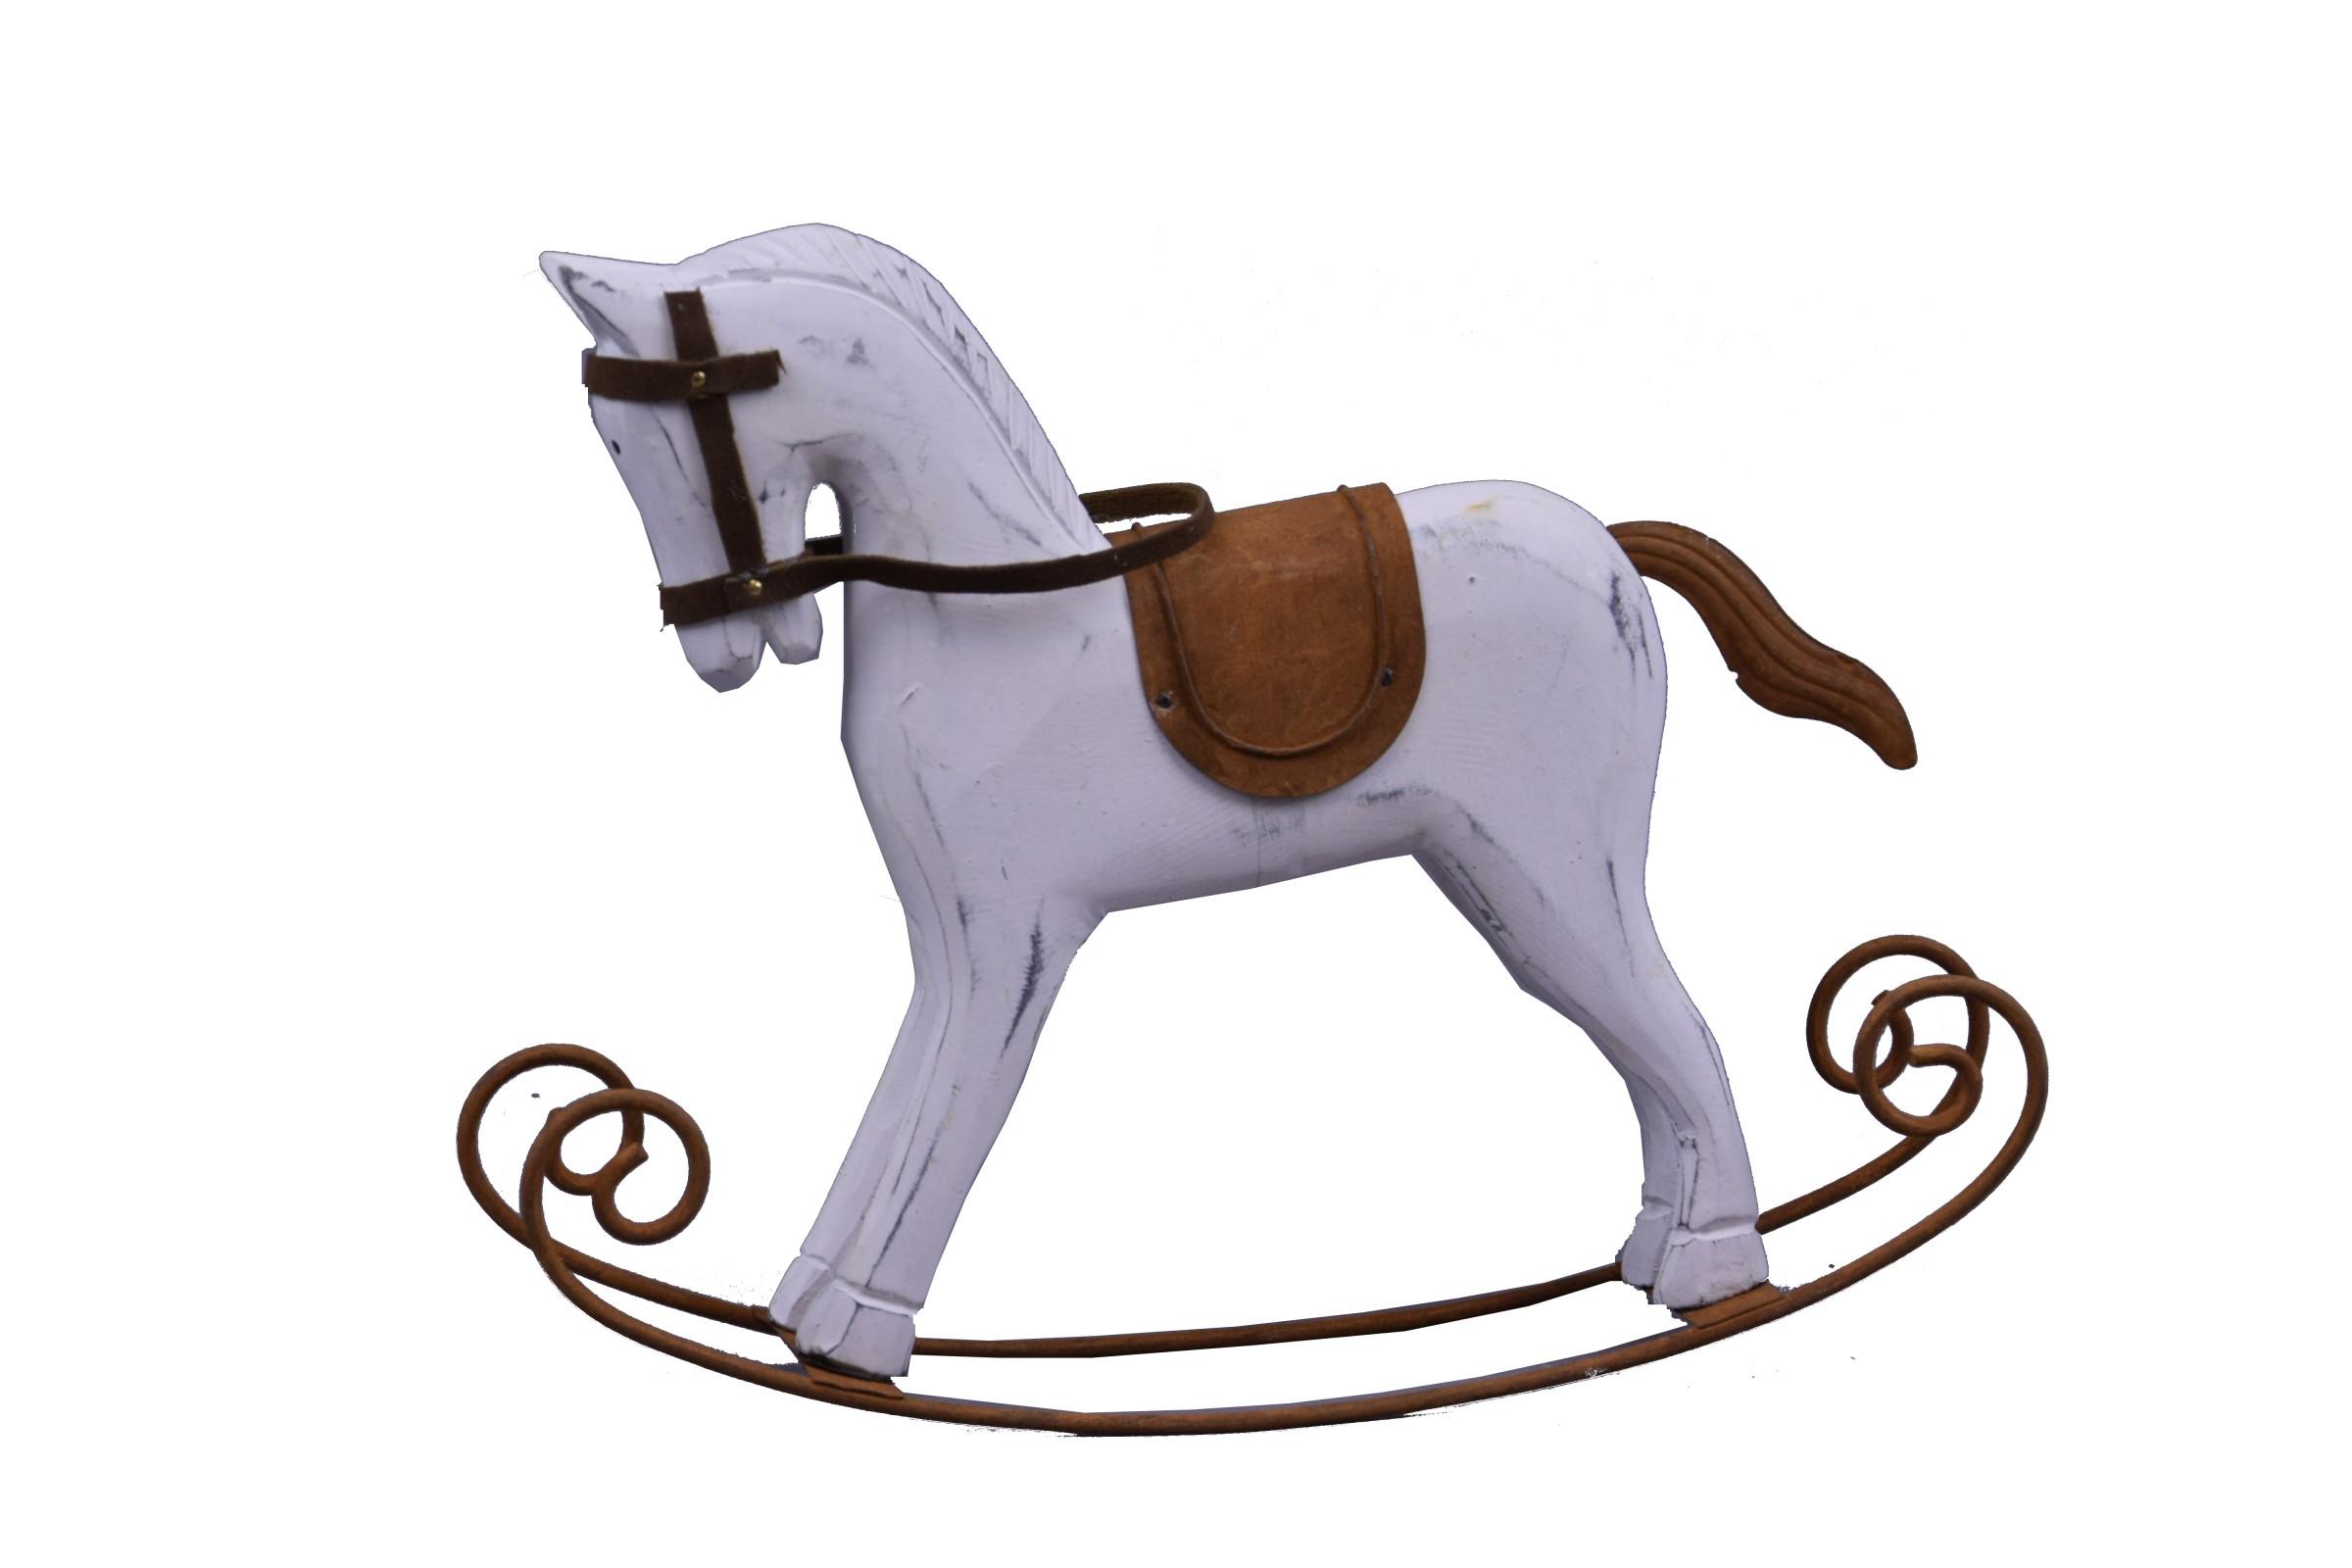 Houpací kůň bílý dřevo Rozměry: 23x19x6cm